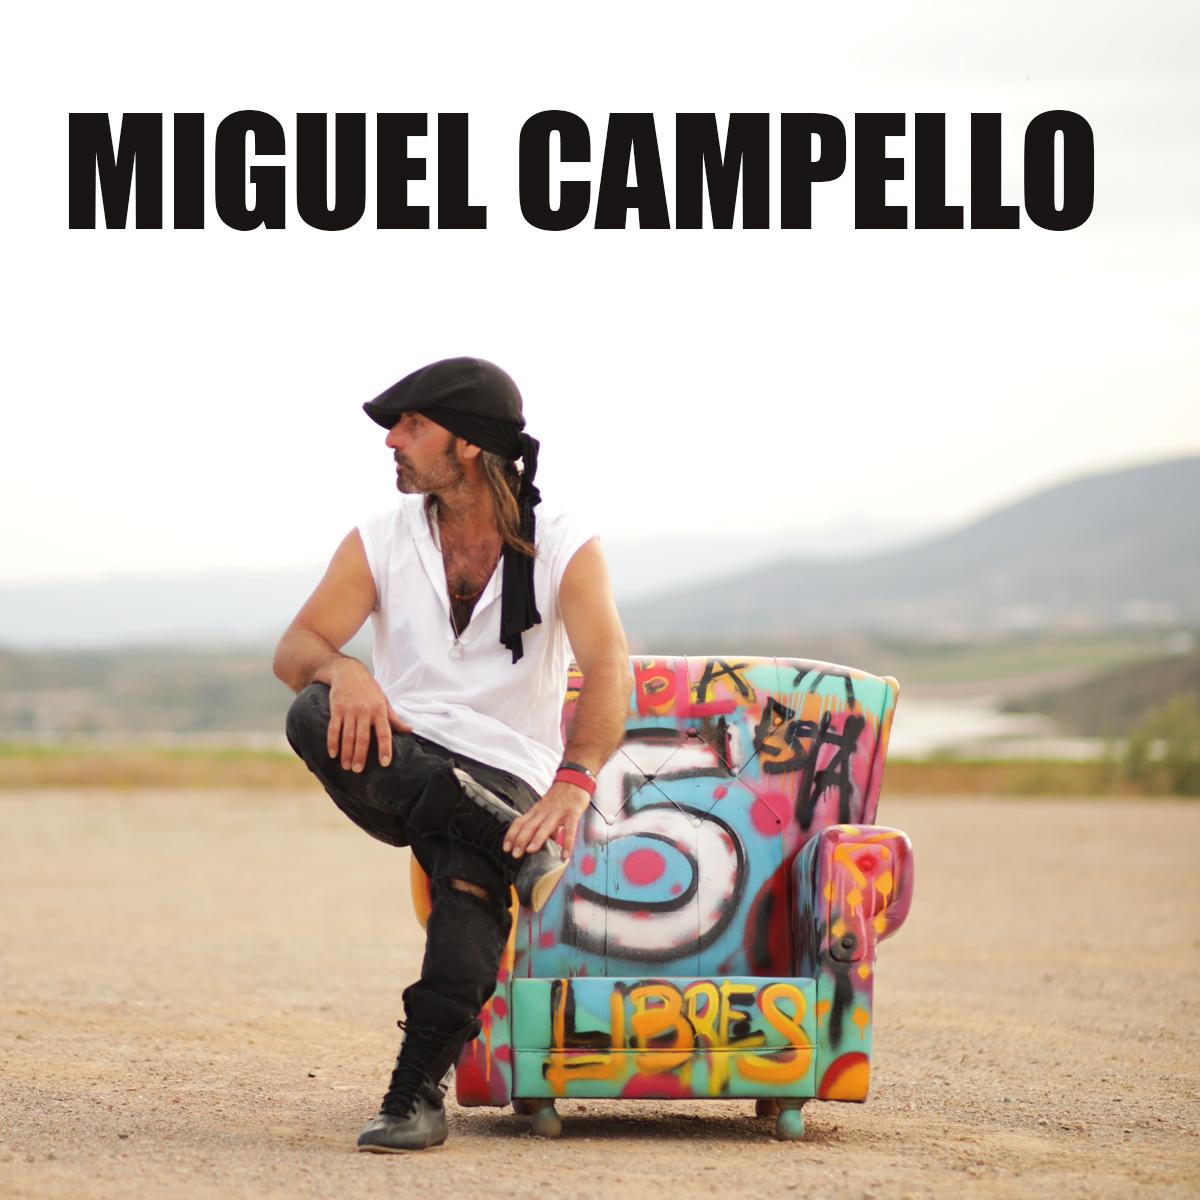 MIGUEL CAMPELLO - 5 5